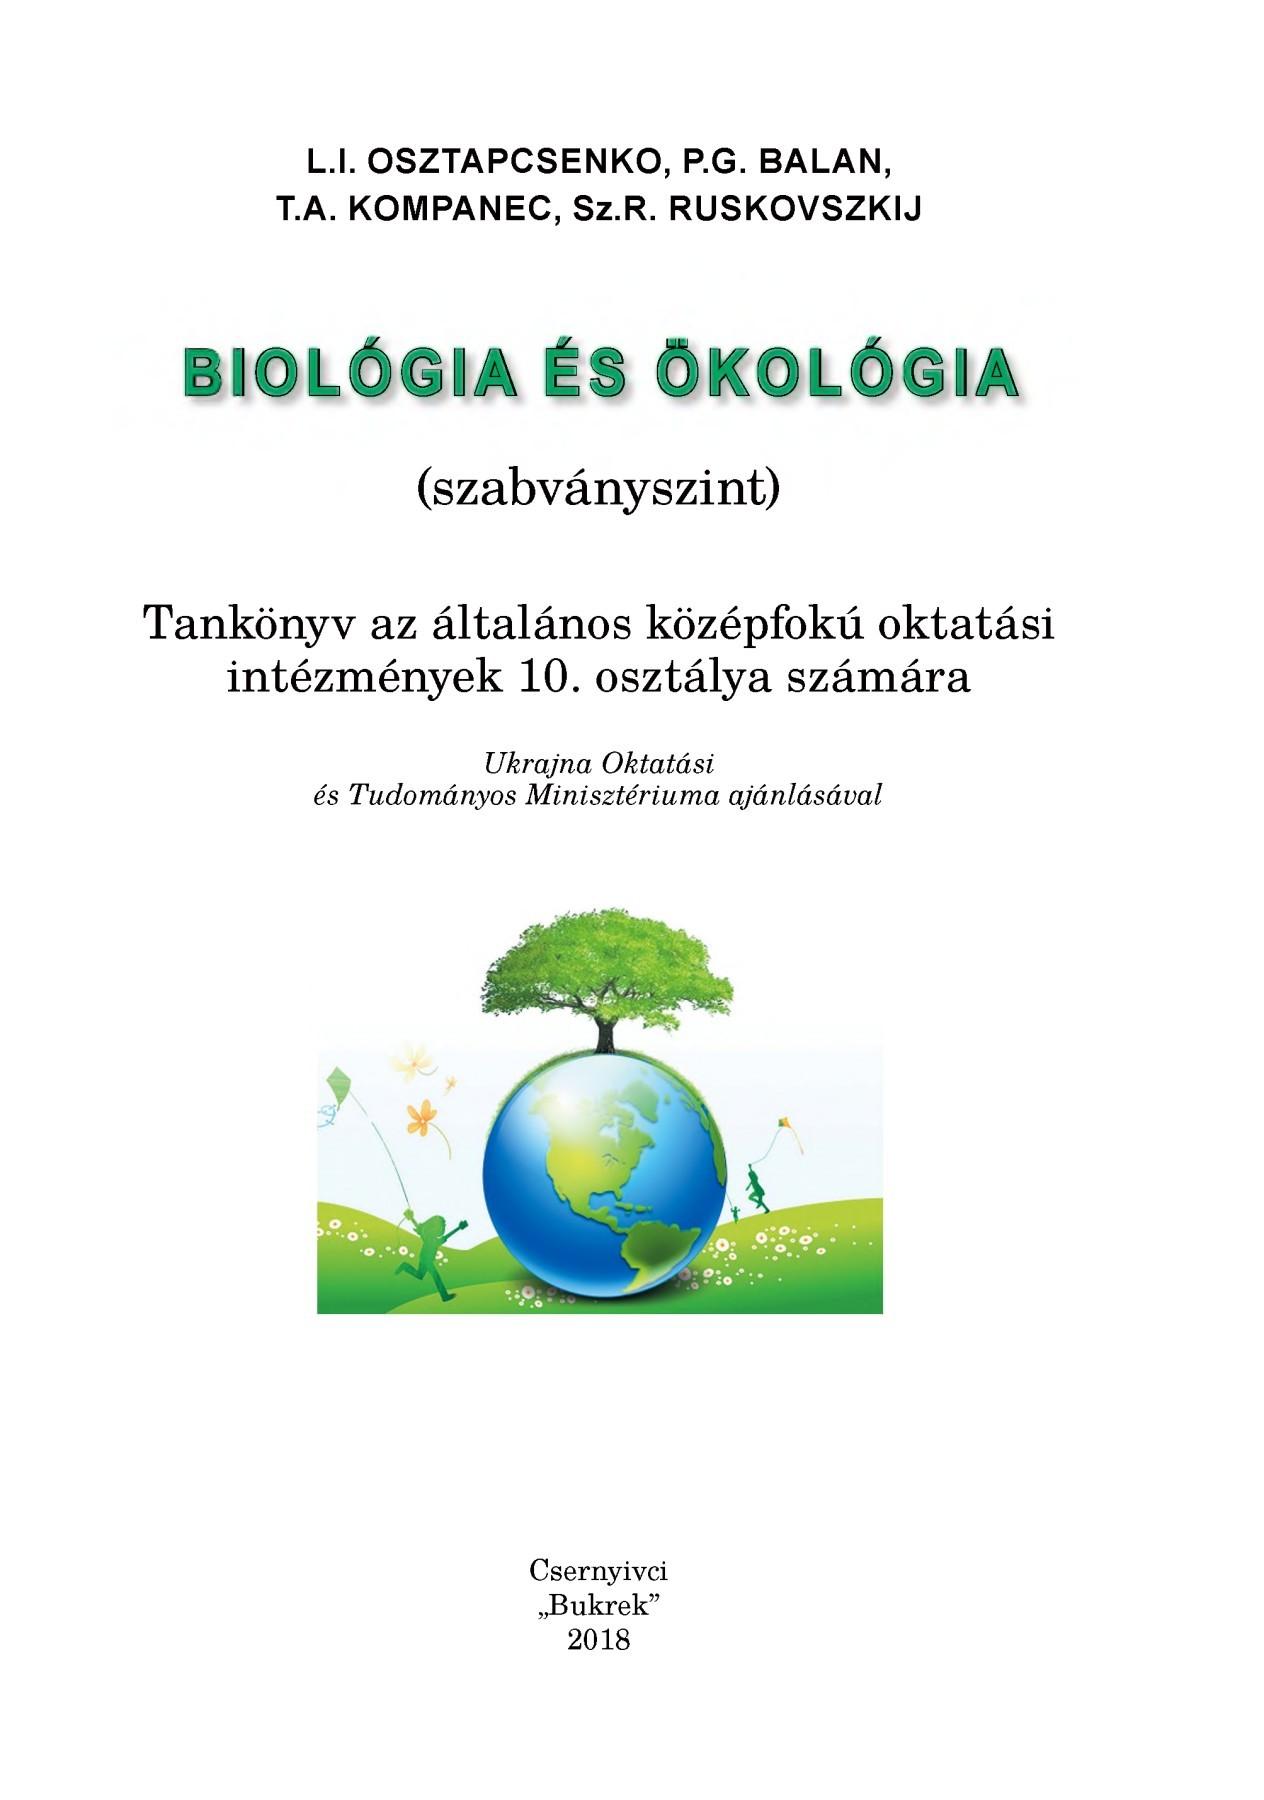 Parazitafertőzések és malária: orvosi-élettani Nobel-díj 2015